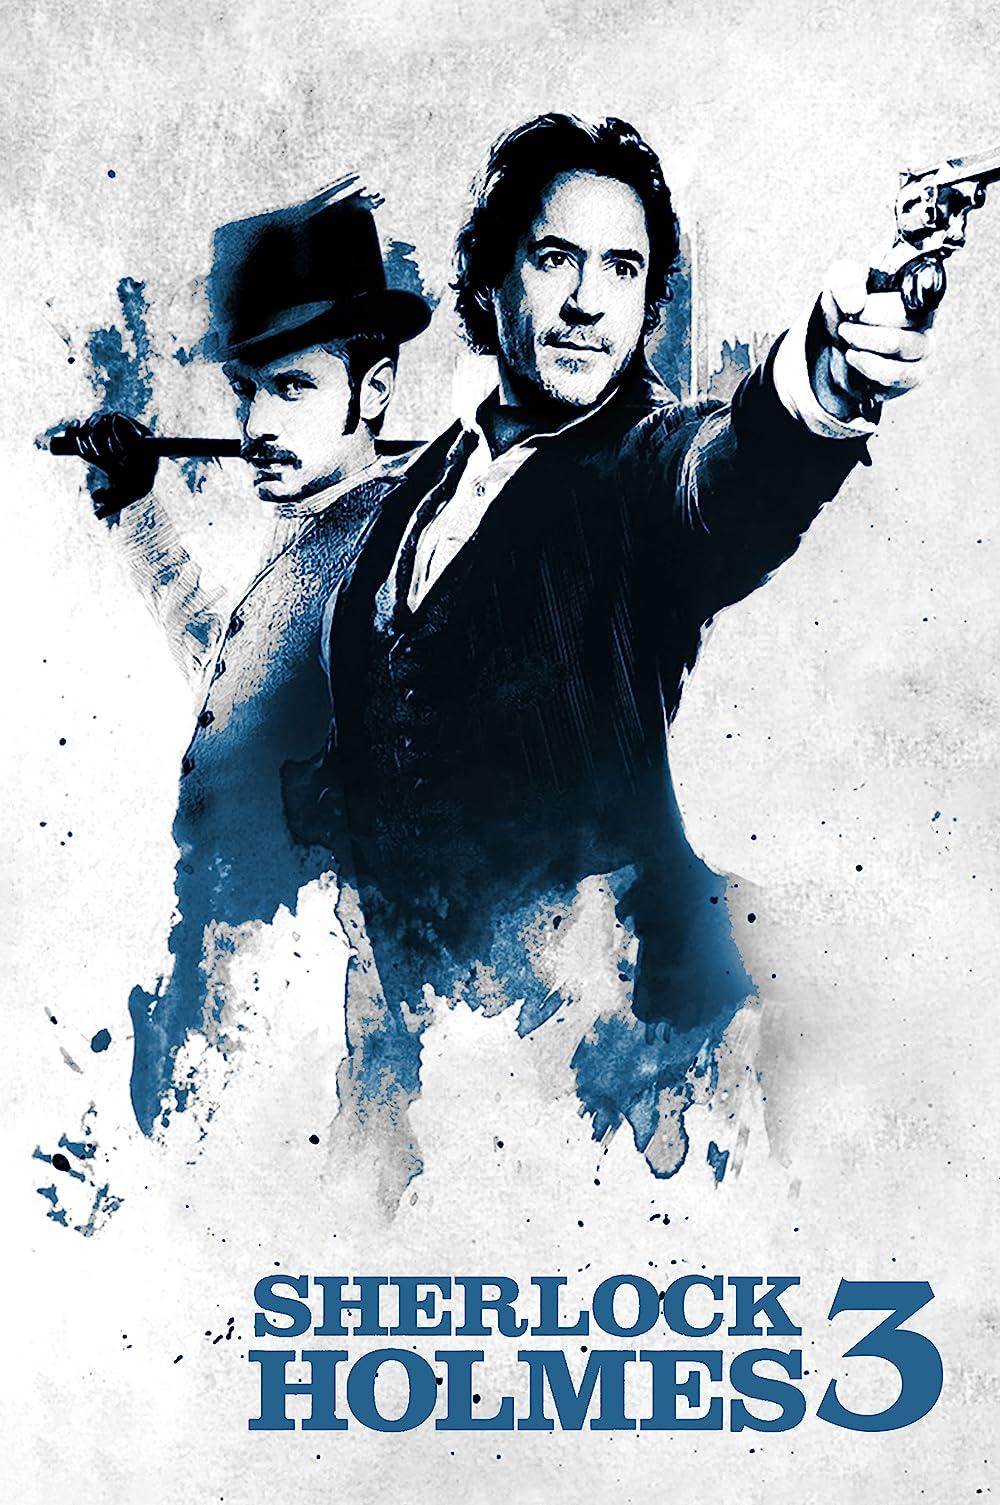 Assistir grátis Sherlock Holmes 3 Online sem proteção